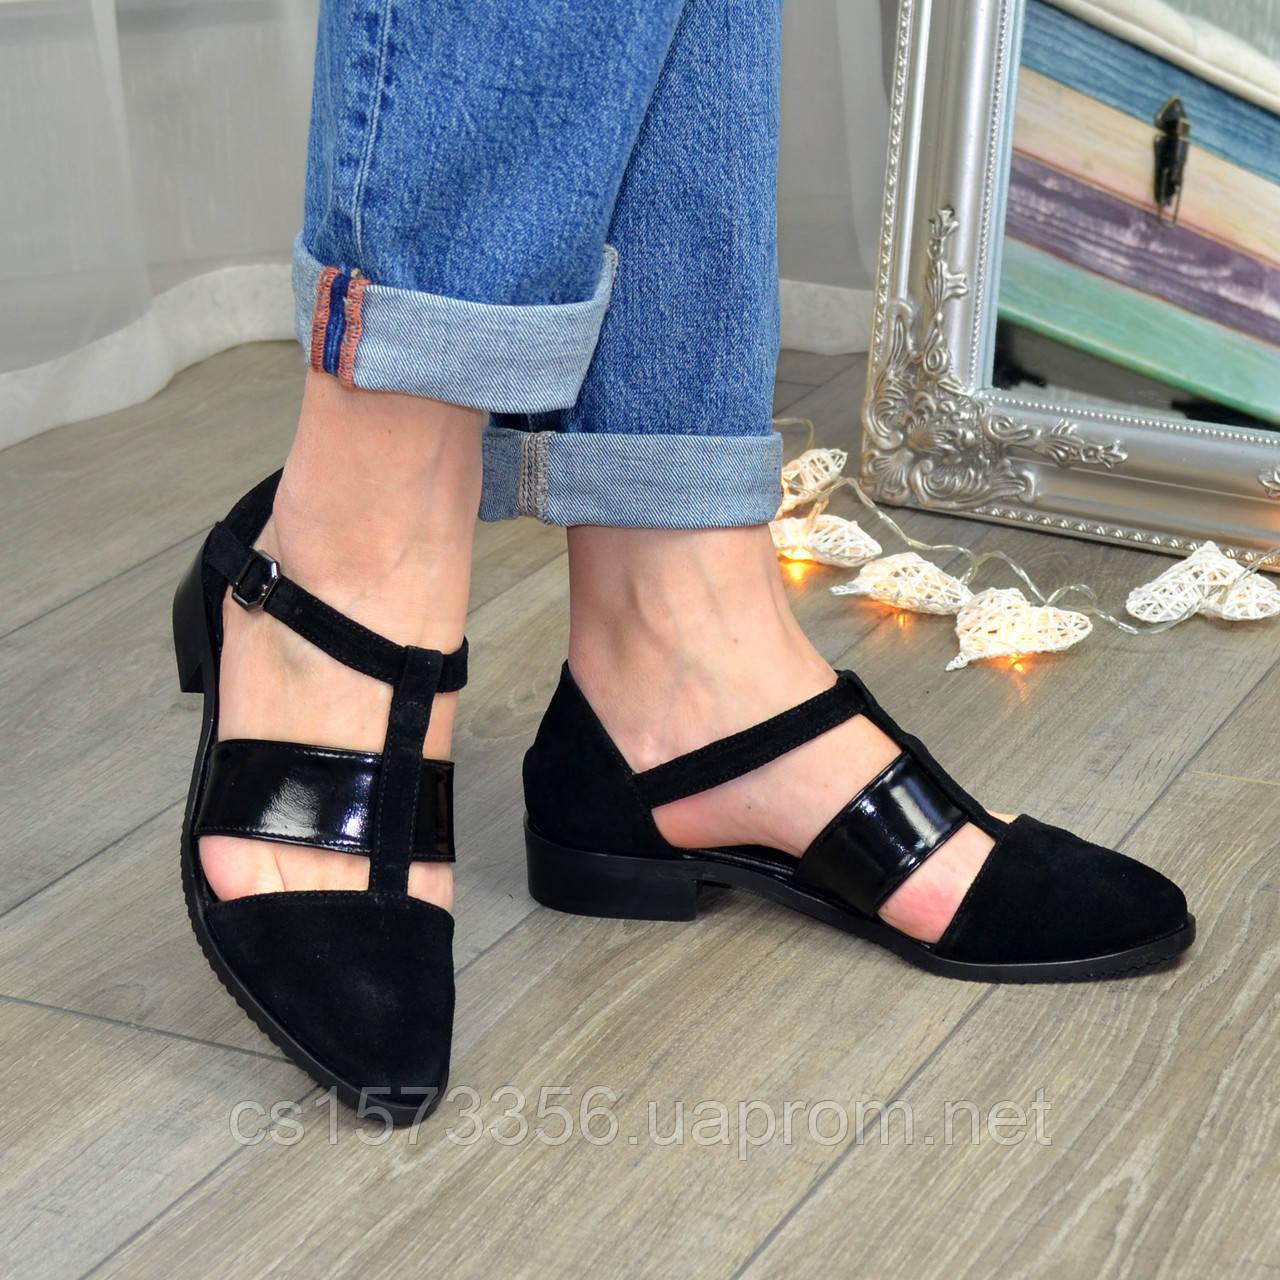 Туфли черные женские стильные на низком ходу, натуральная замша и лаковая кожа